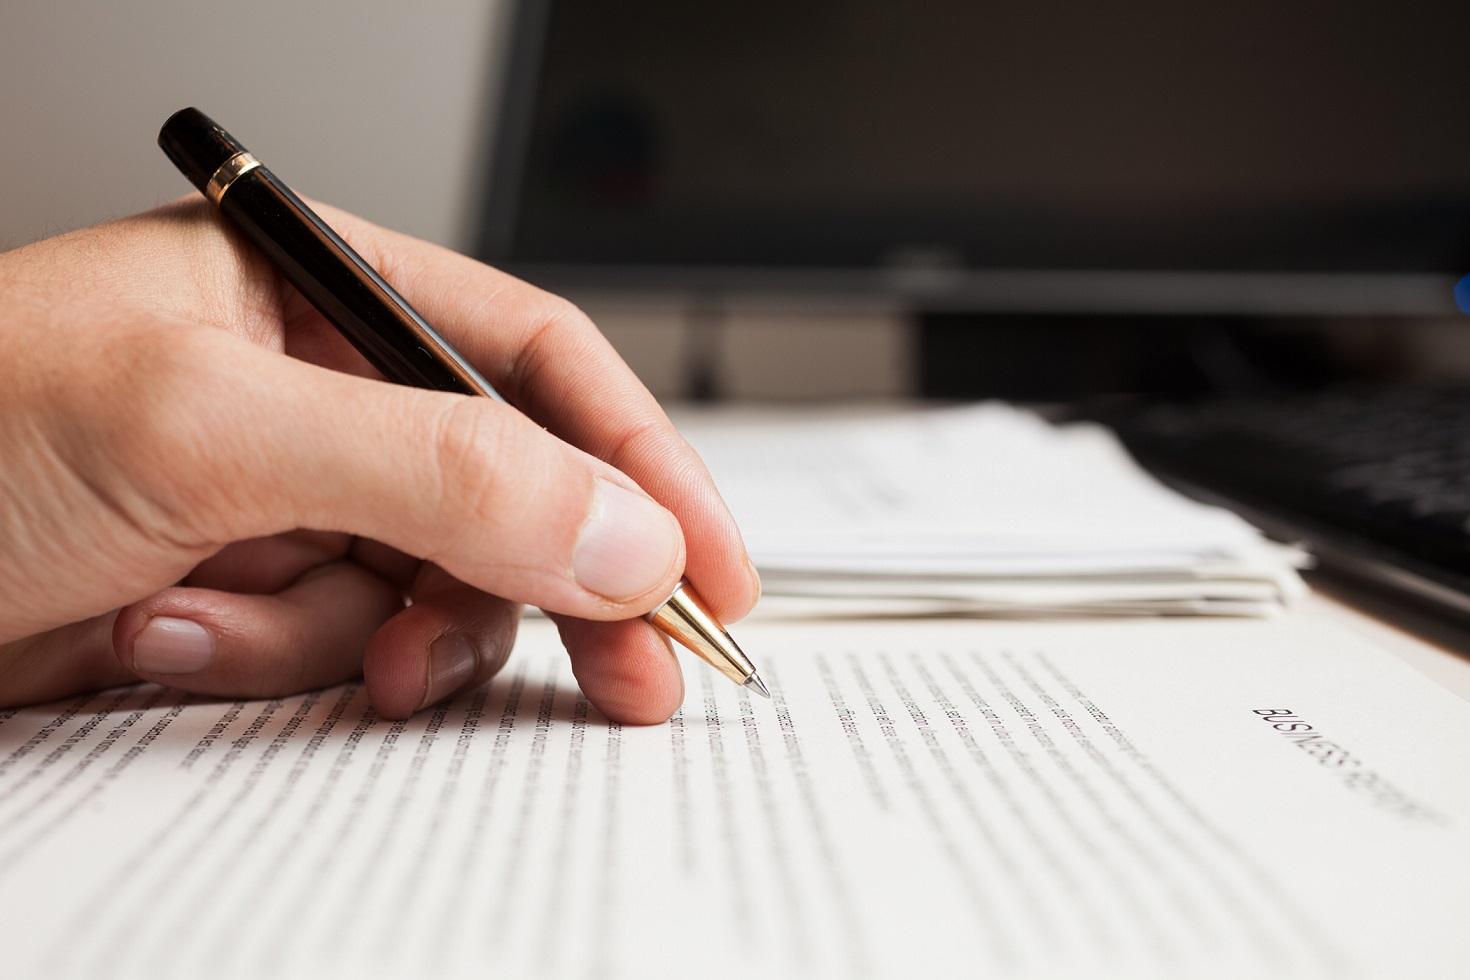 英文決算書,英文財務諸表,IFRS,USGAAP